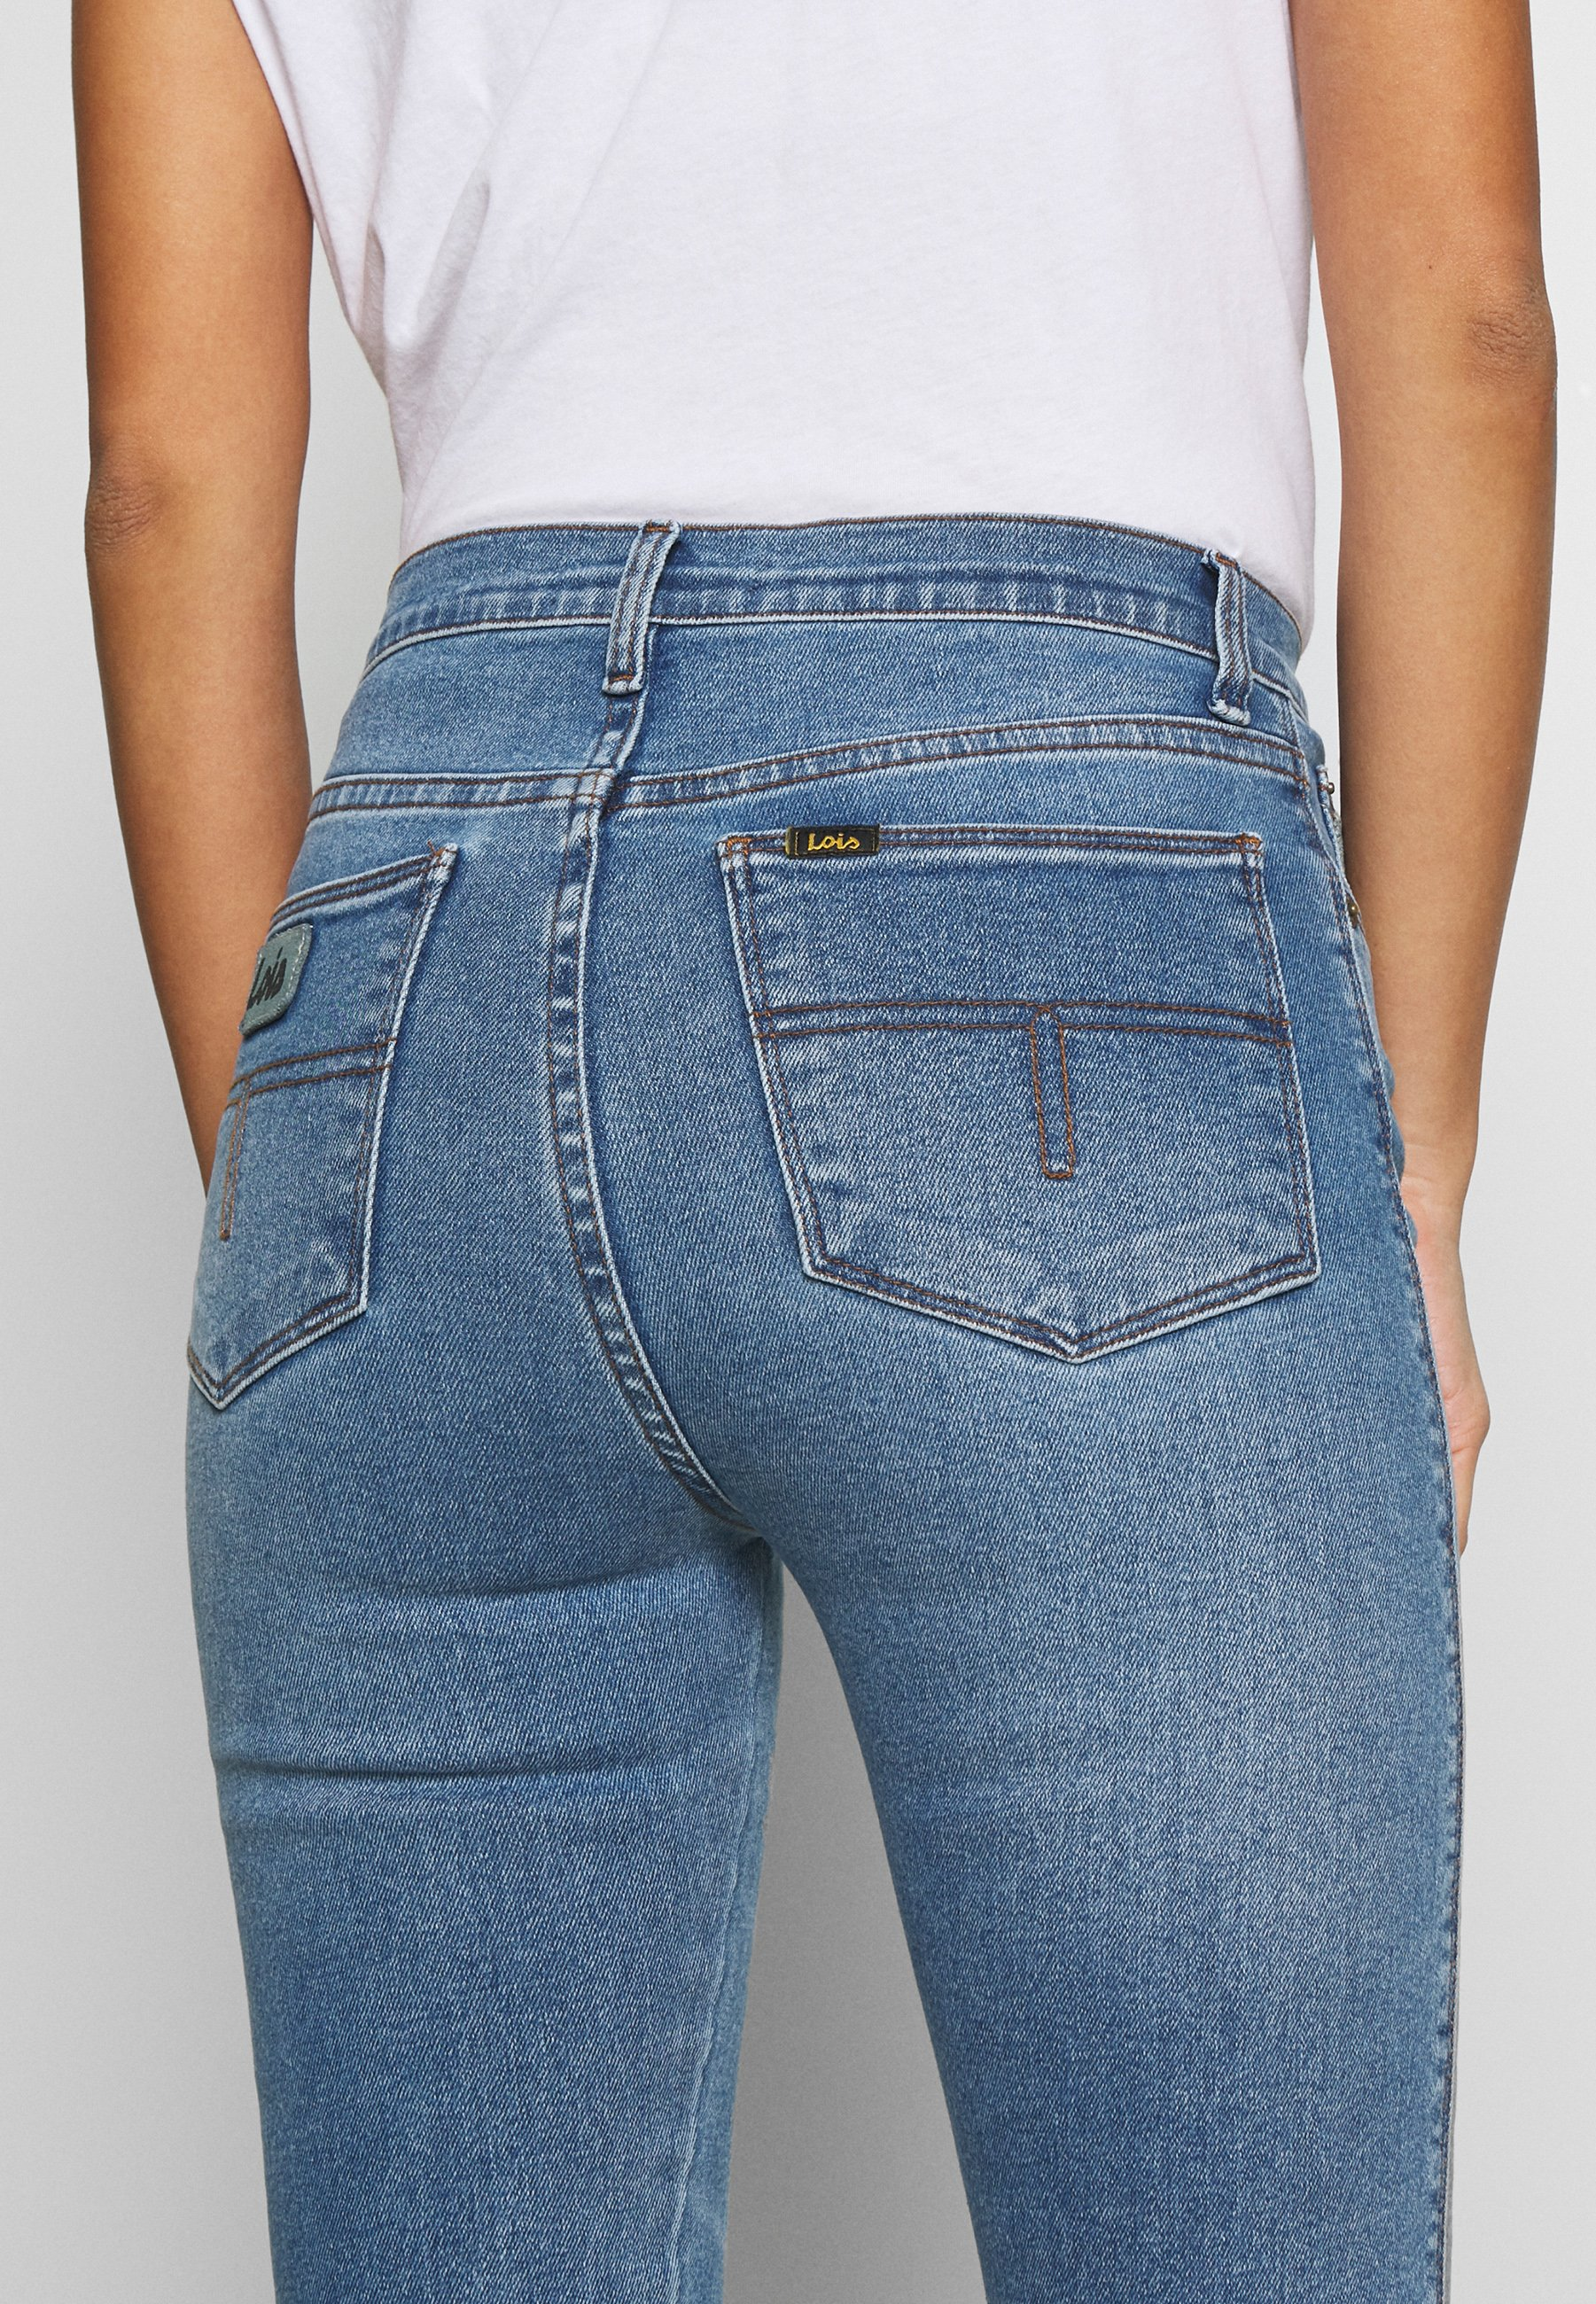 Blue Jeans  Lois  Skinny Jeans - Dameklær er billig